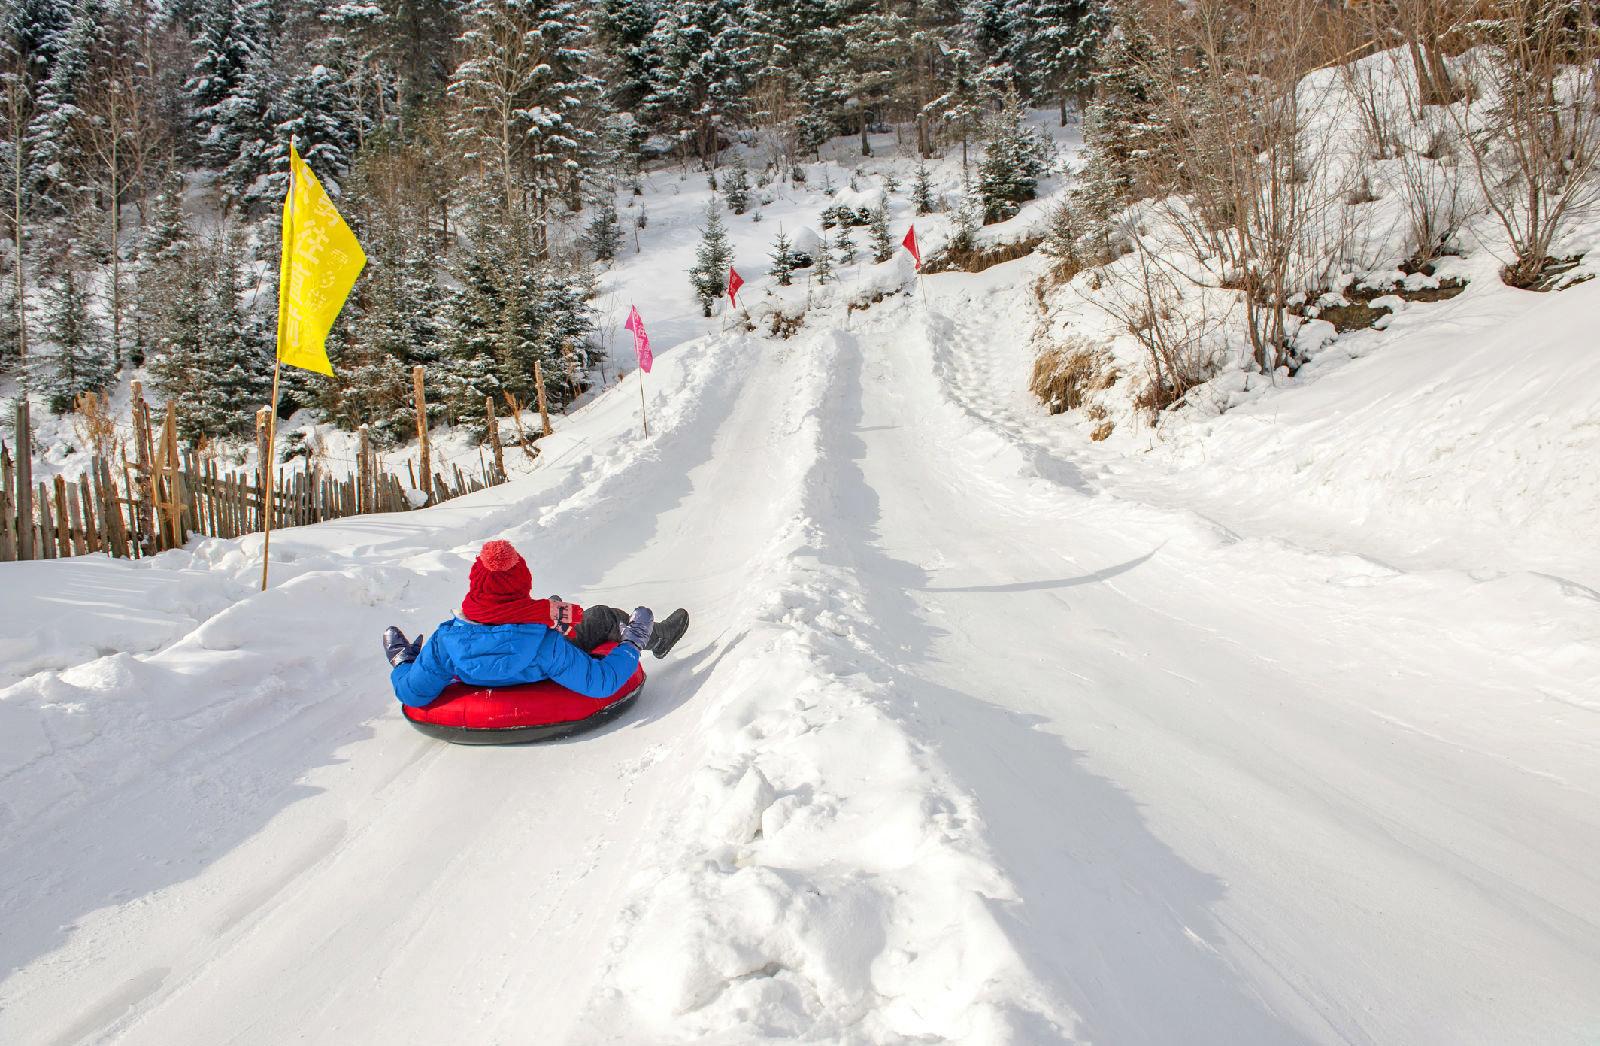 哈尔滨-亚布力滑雪场-冰凌谷-中国雪乡-私人摄影师-雪地温泉双飞6日游(赠旅拍)